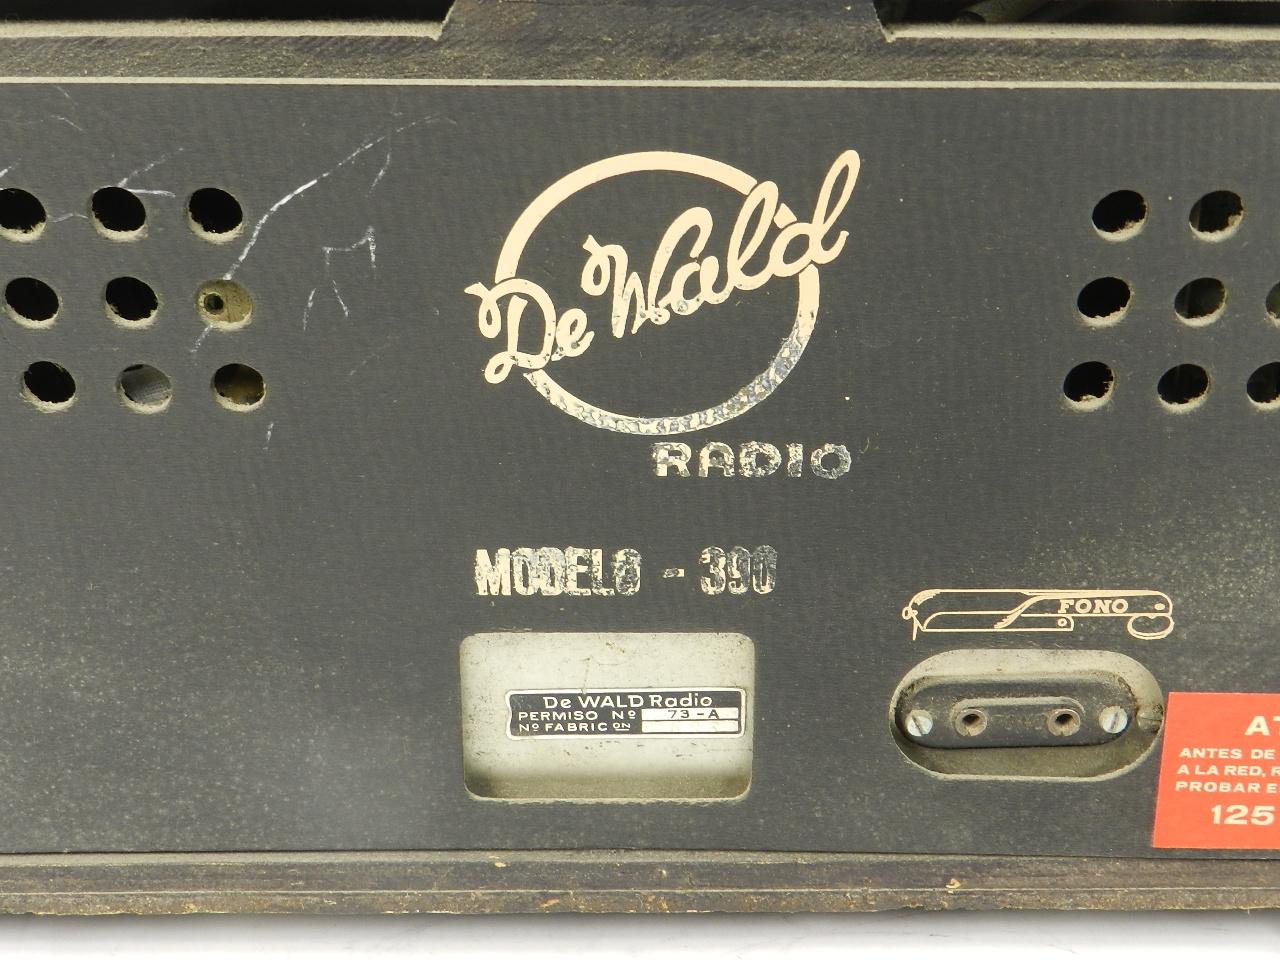 Imagen RADIO De WALD Mod.390  AÑO1960 41883